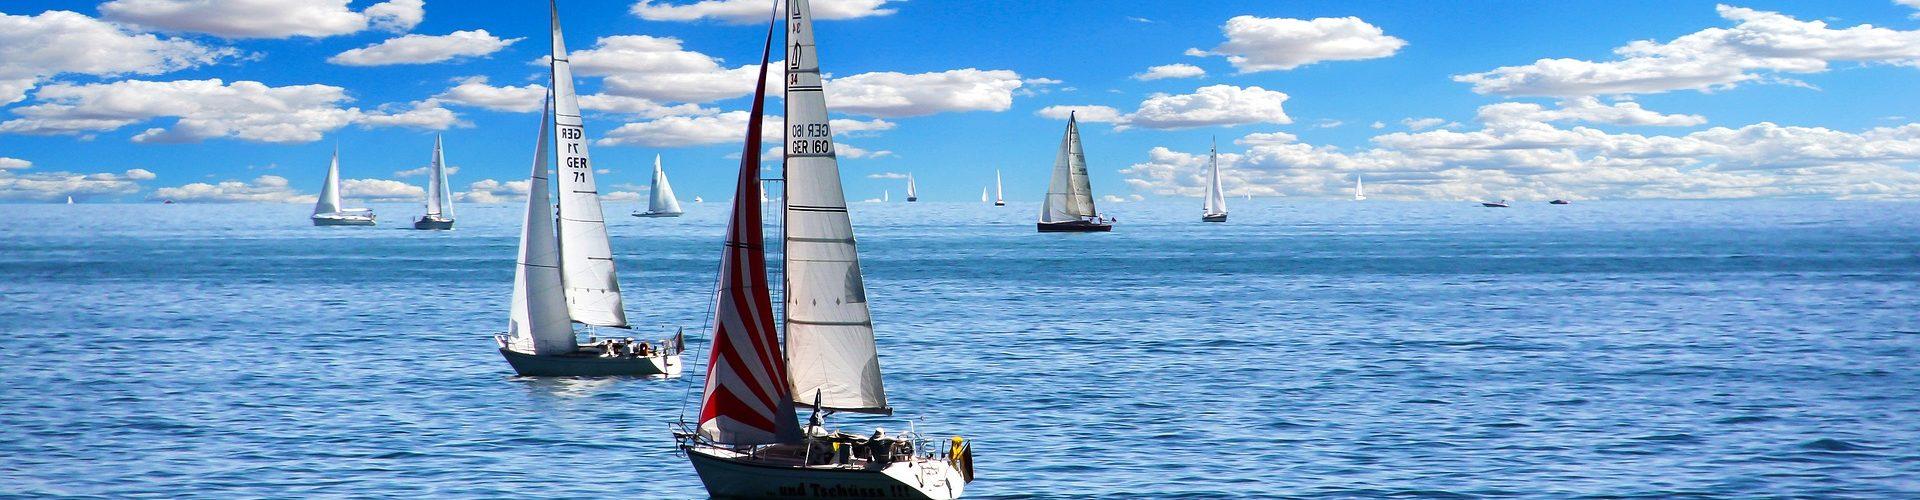 segeln lernen in Hückelhoven segelschein machen in Hückelhoven 1920x500 - Segeln lernen in Hückelhoven